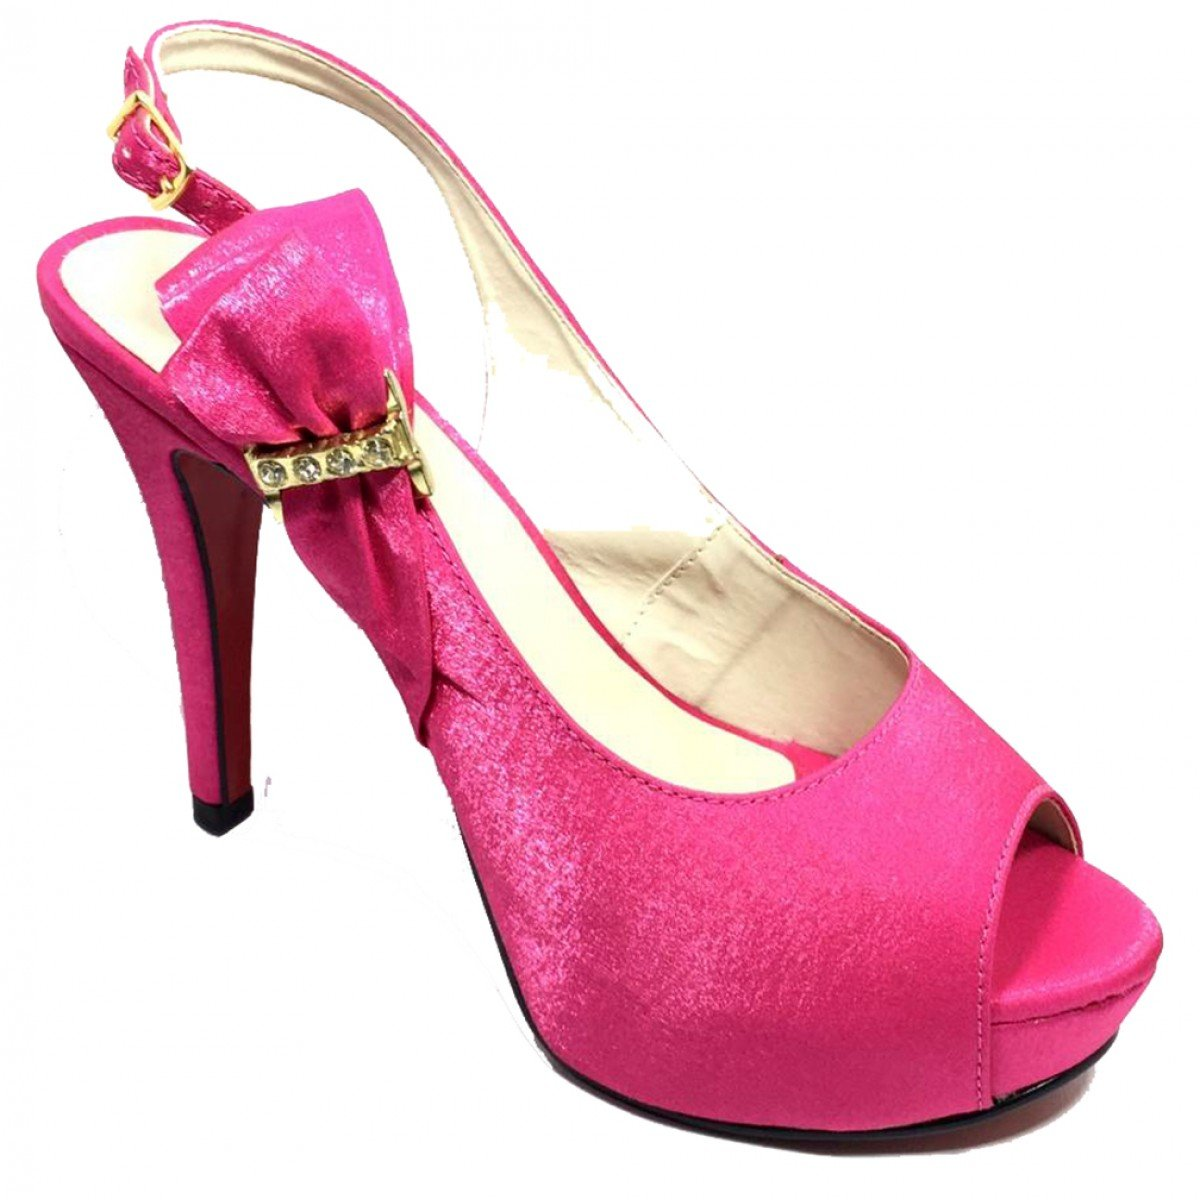 636df5a7c Sapato Feminino Cia do Porto Salto Alto Bico Aberto Pink - Compre ...